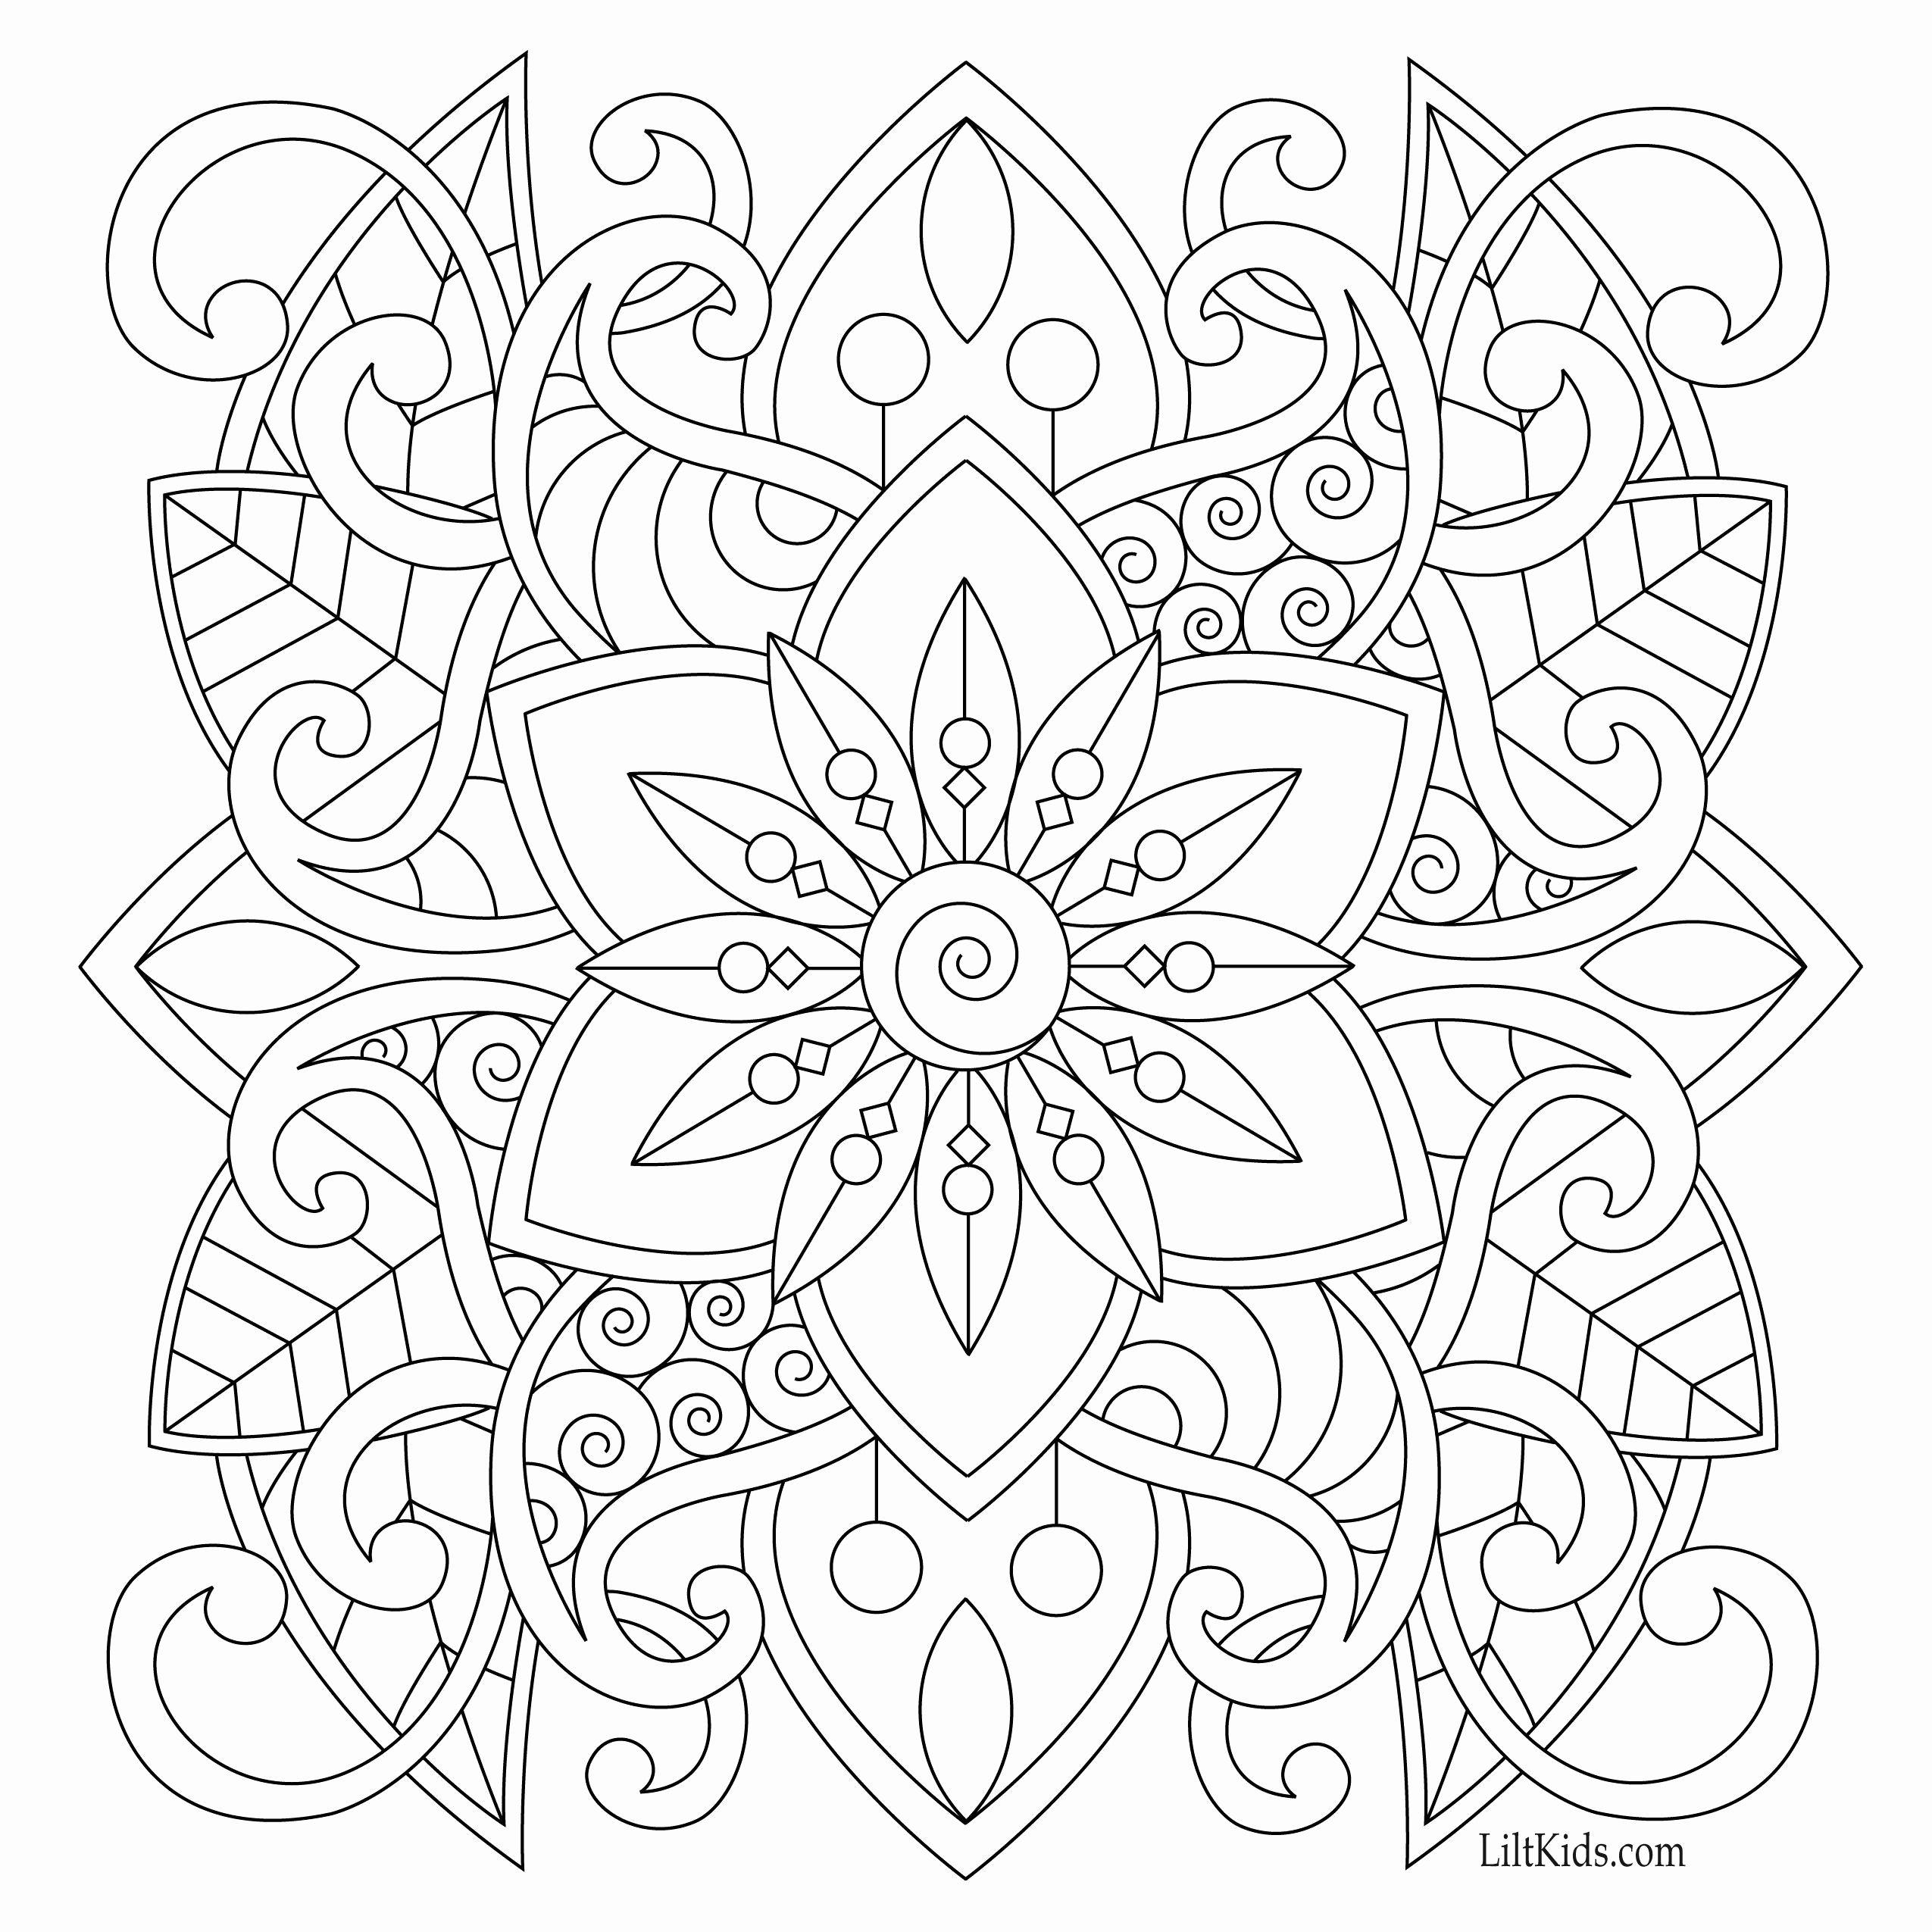 Nature Mandala Coloring Book Easy Coloring Pages Mandala Coloring Pages Mandala Coloring Books